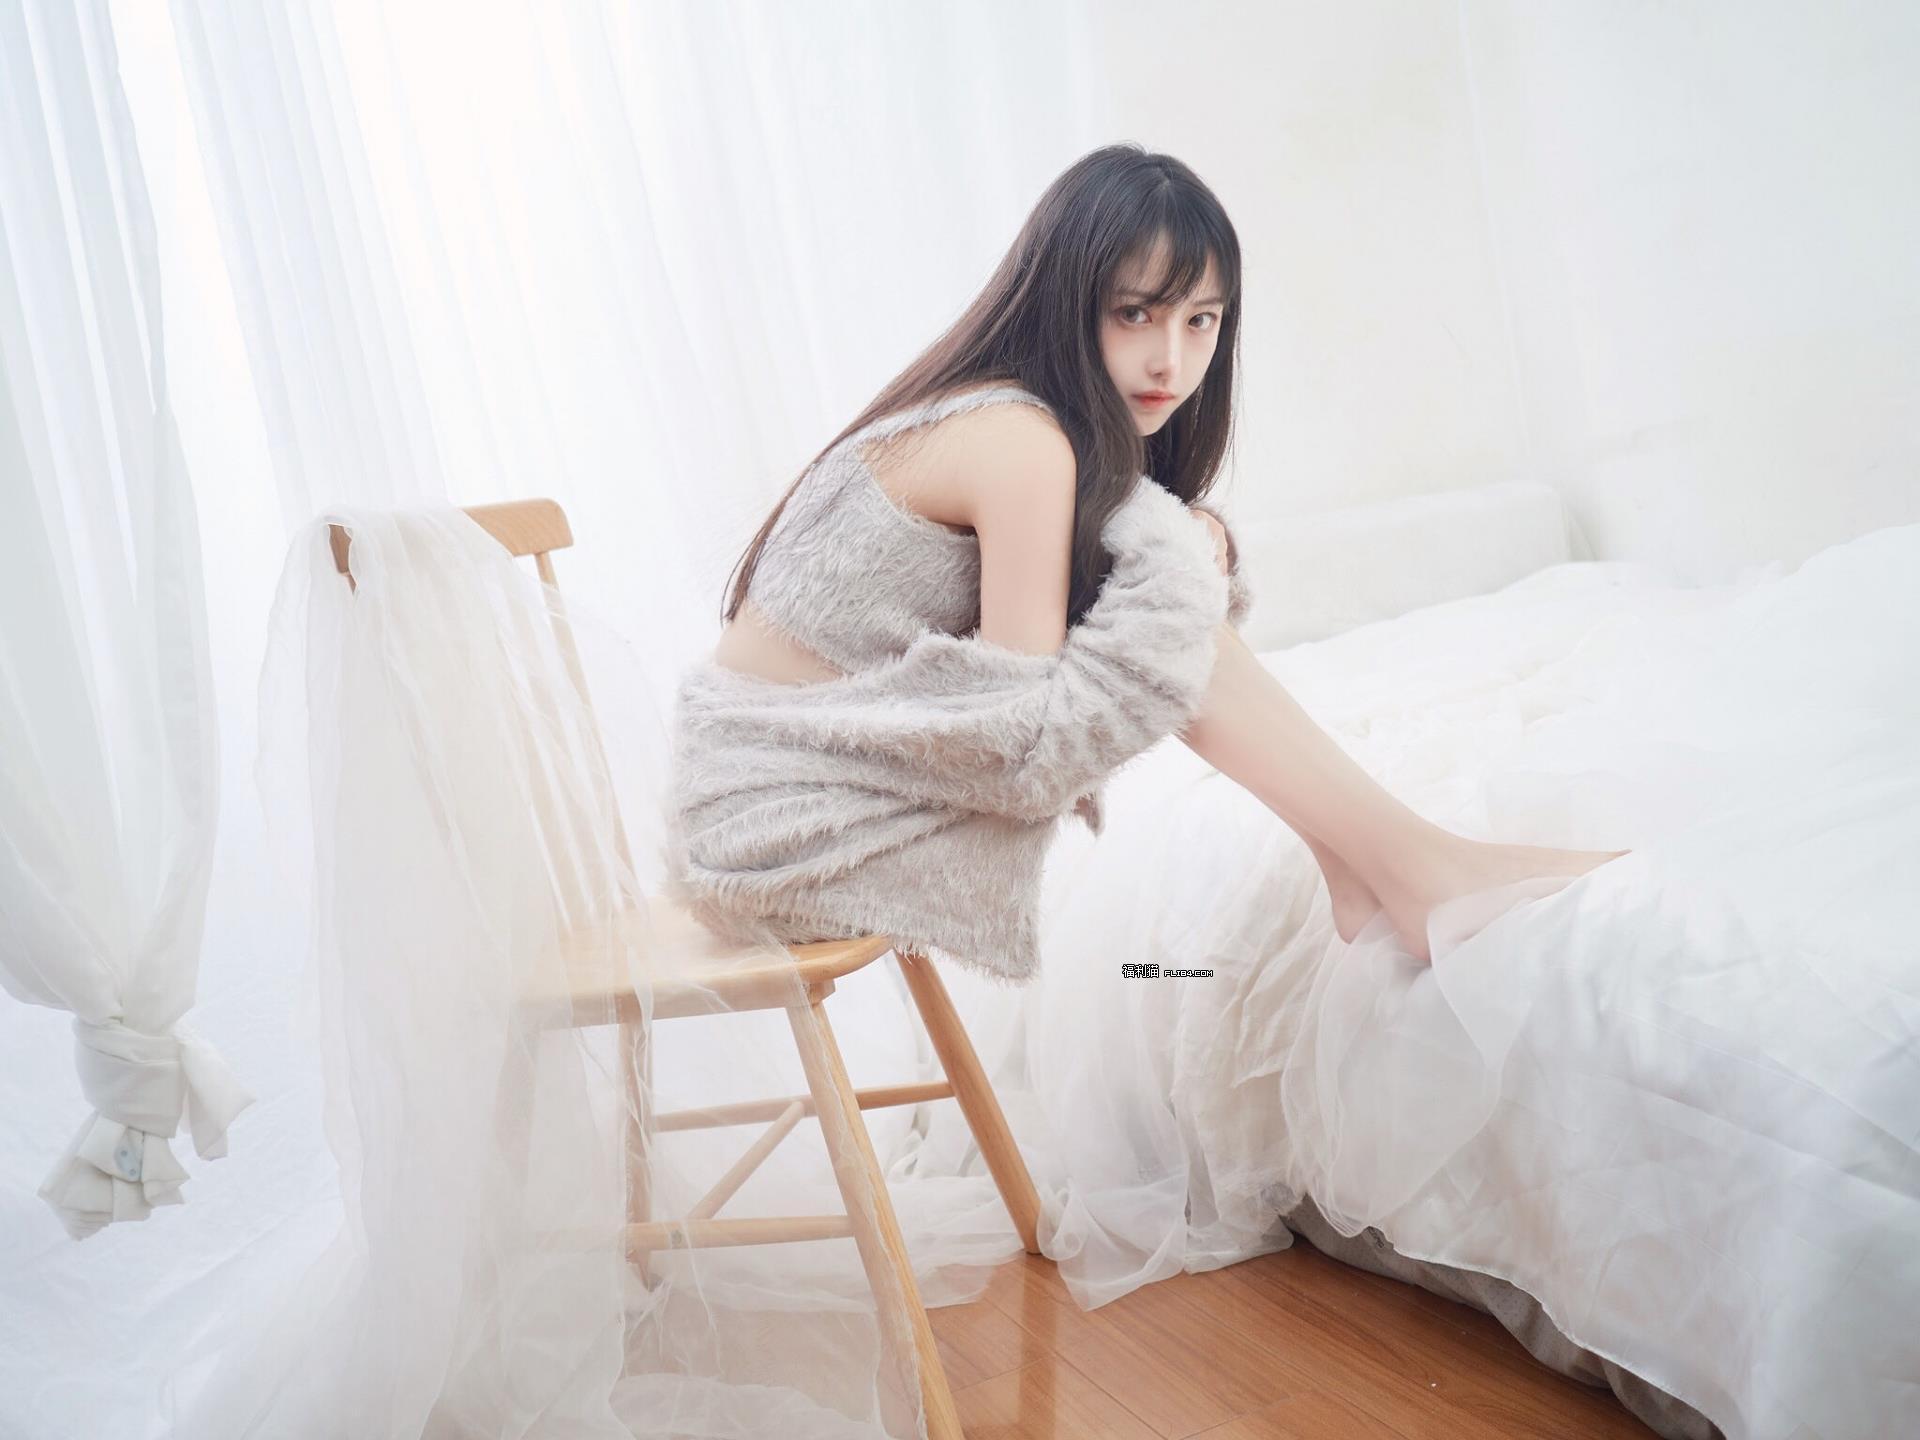 超逆天女友款式-福利姬Shika小鹿[69P]